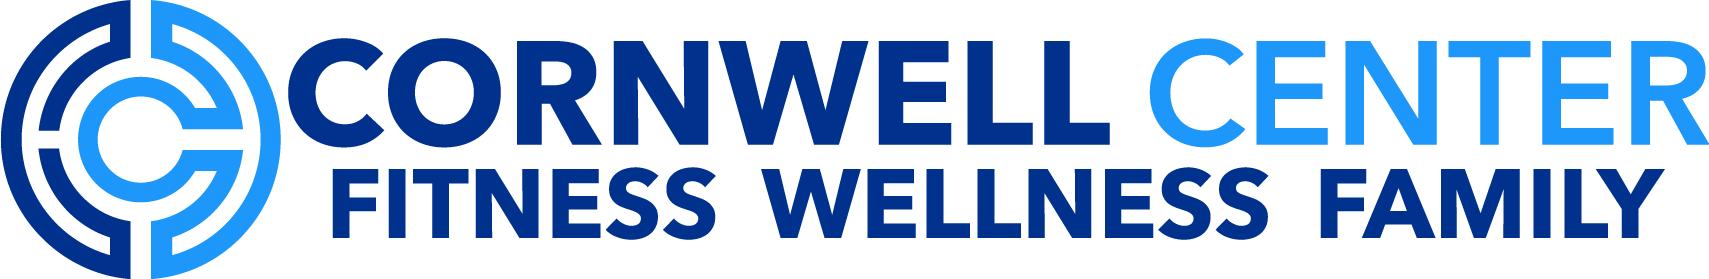 Cornwell Center Fitness Wellness Family